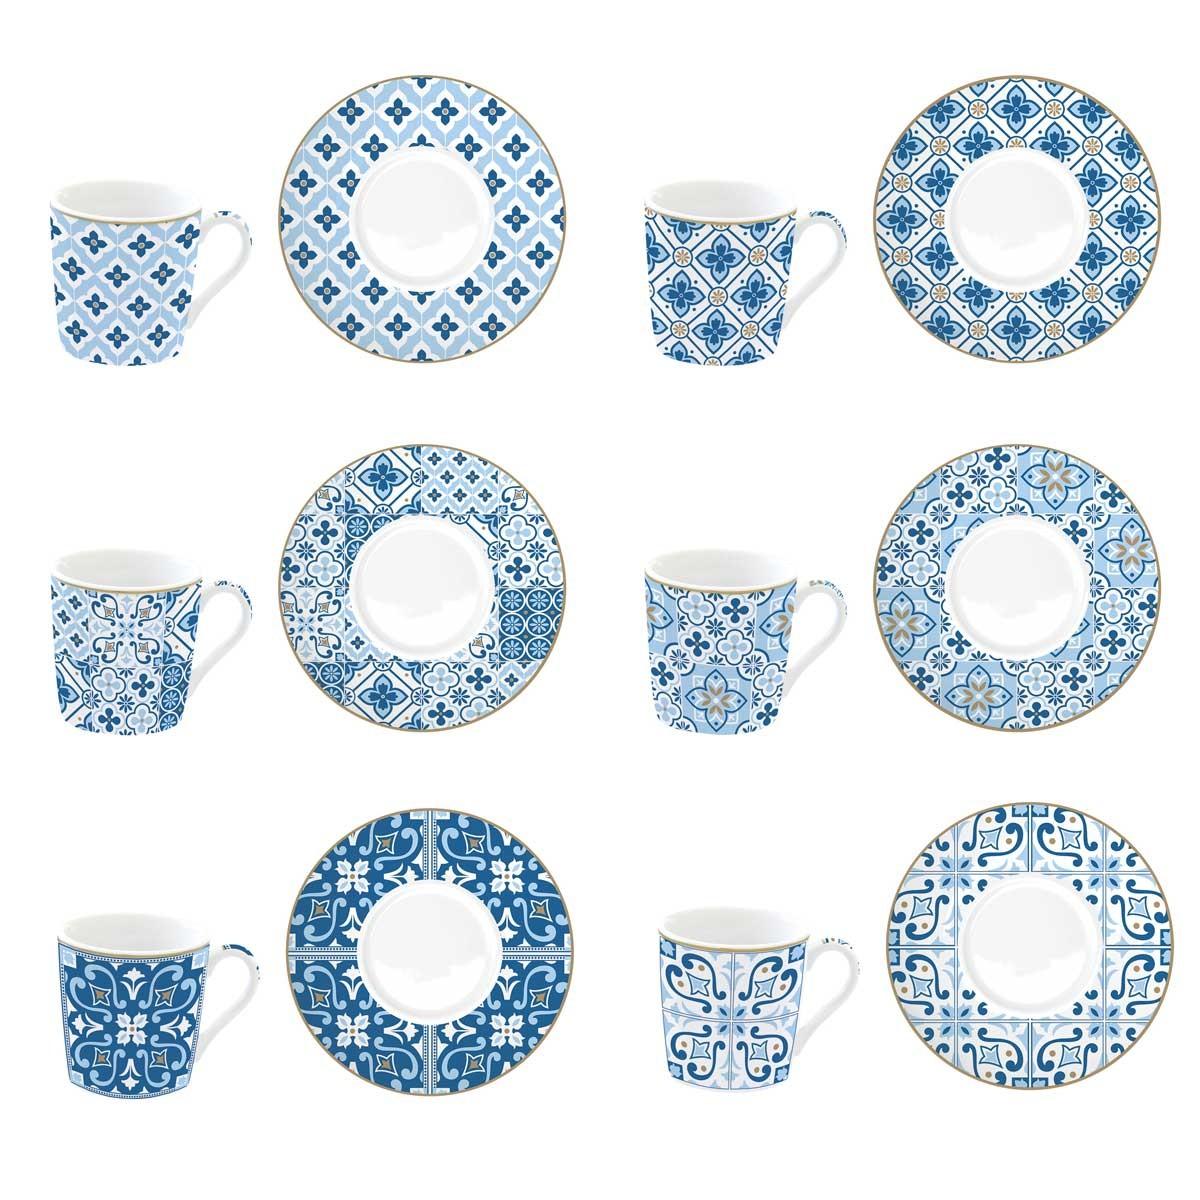 Φλυτζάνια Καφέ + Πιατάκια (Σετ 6τμχ) Marva Tiles Blue 126CΜΤΒ home   κουζίνα   τραπεζαρία   κούπες   φλυτζάνια